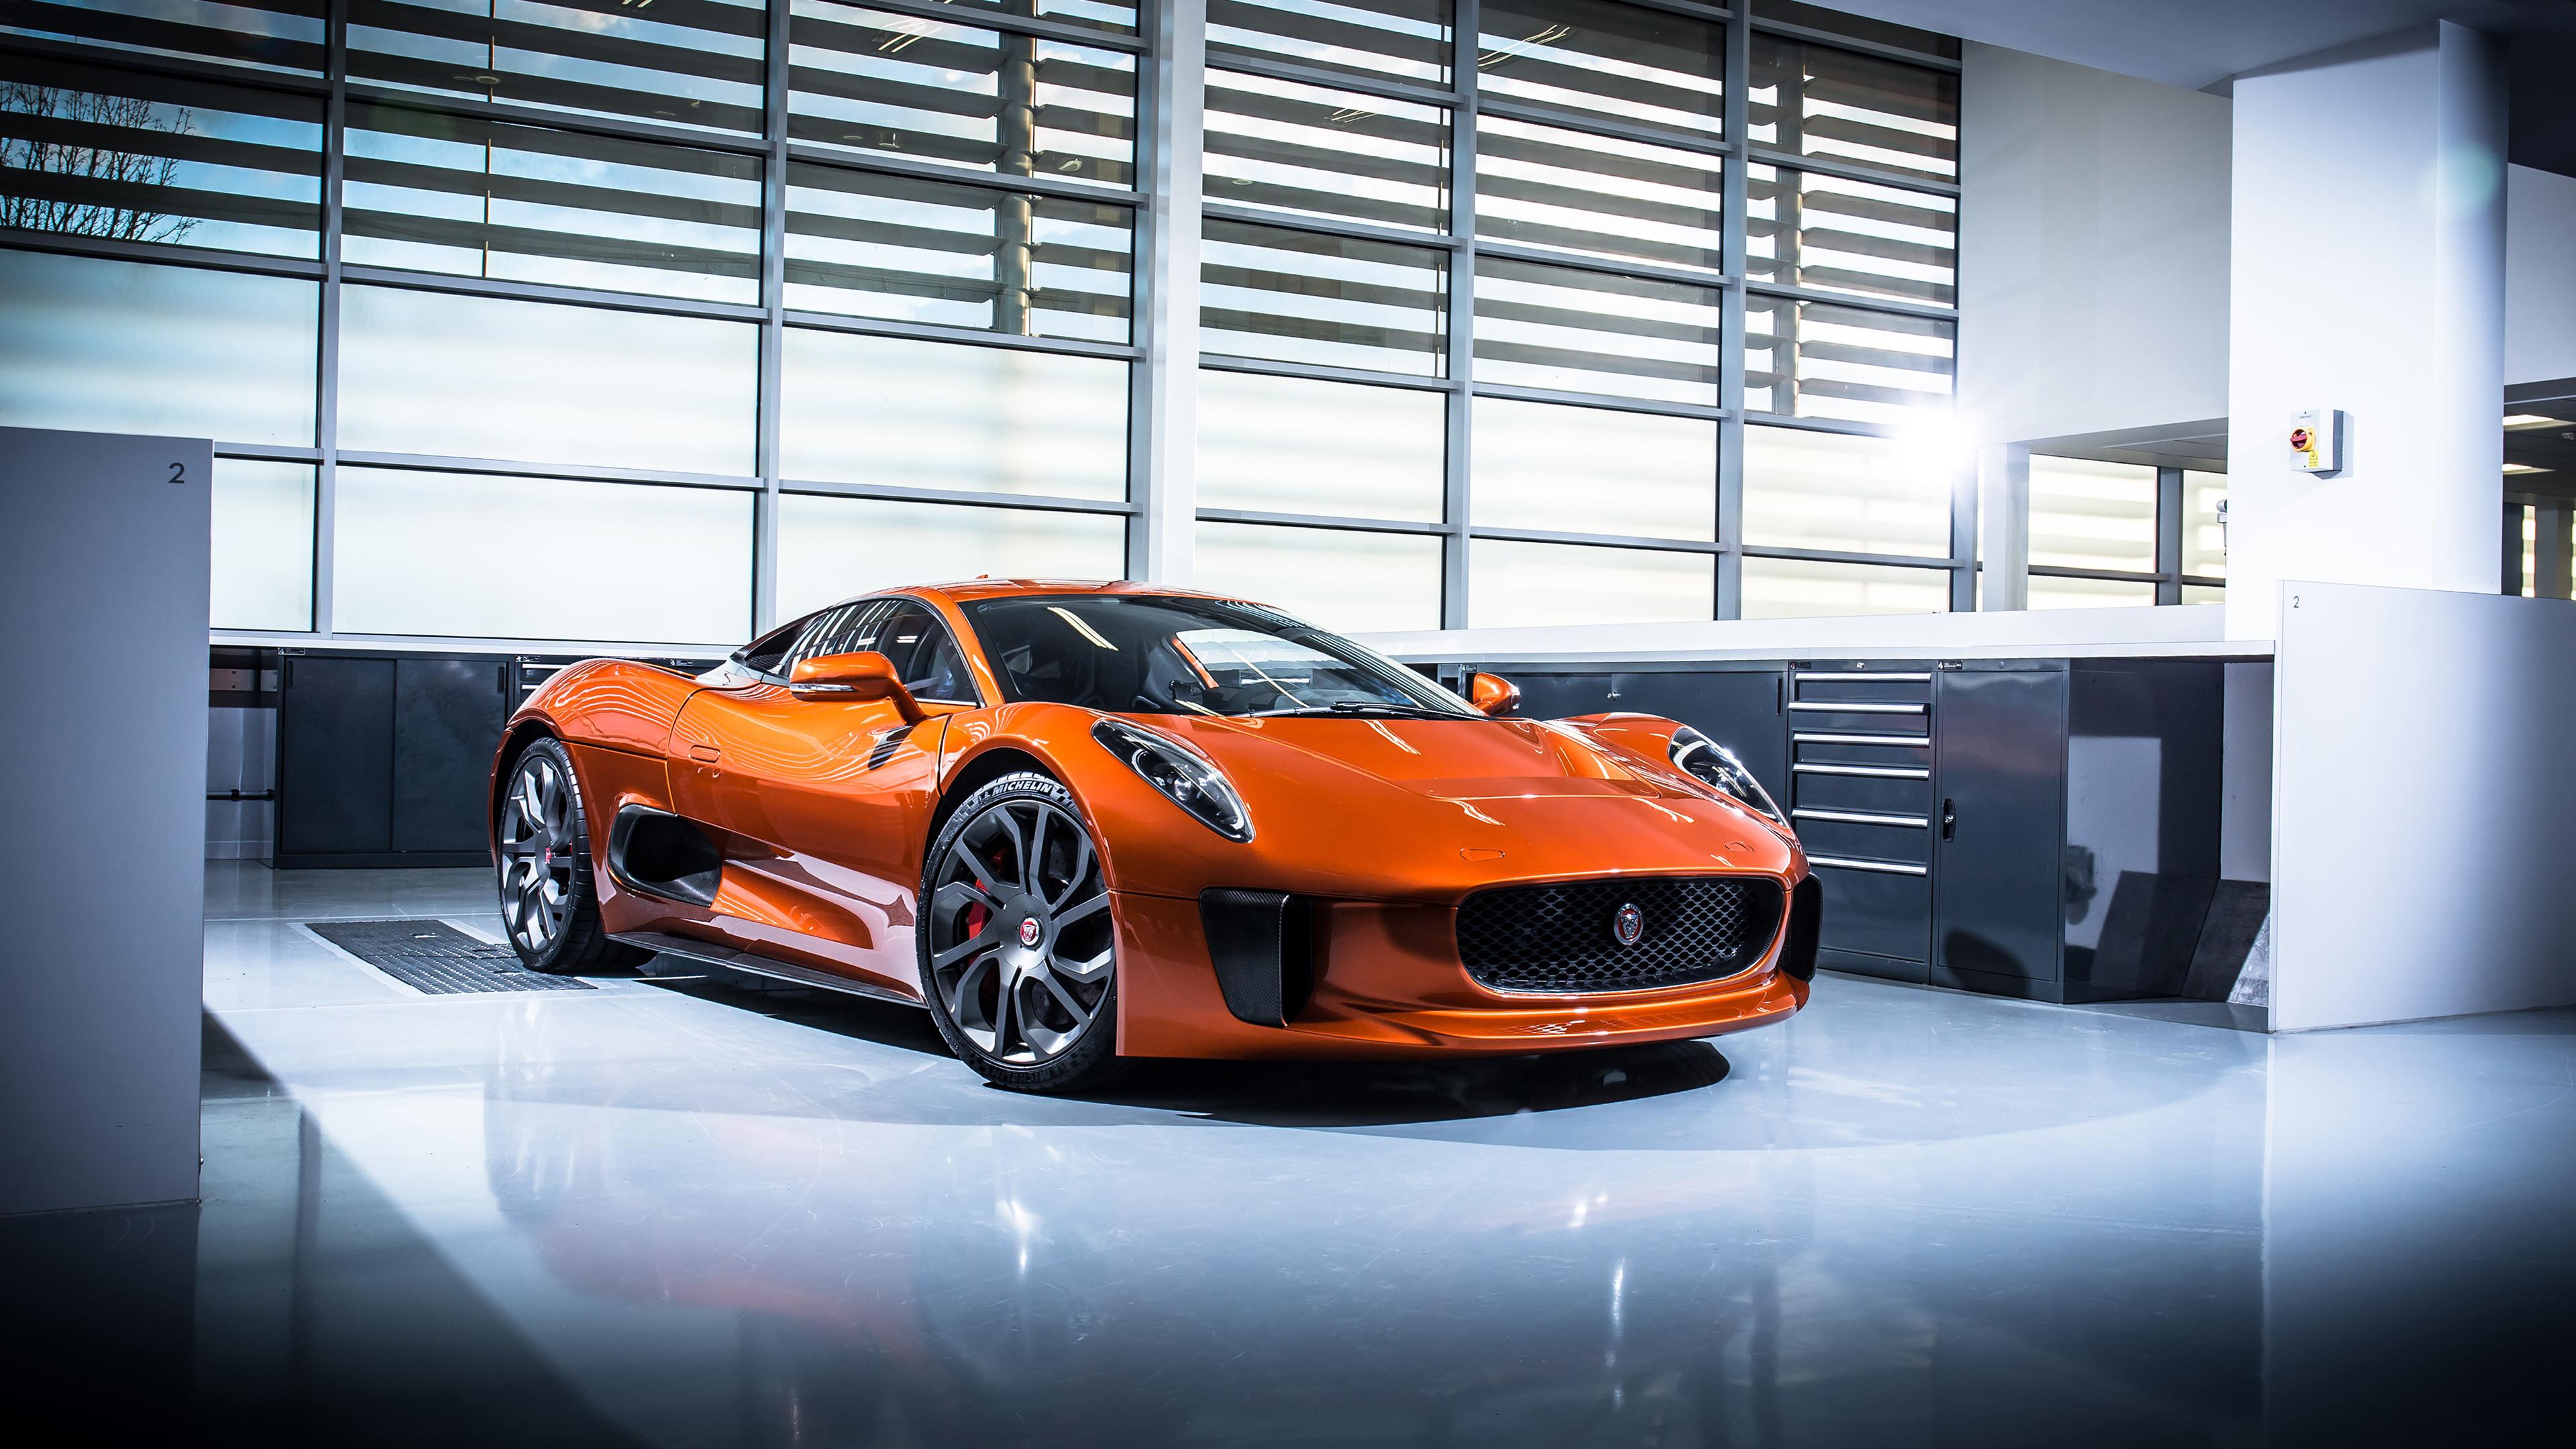 Res: 3840x2160, 2015 Jaguar C X75 James Bond 007 Spectre